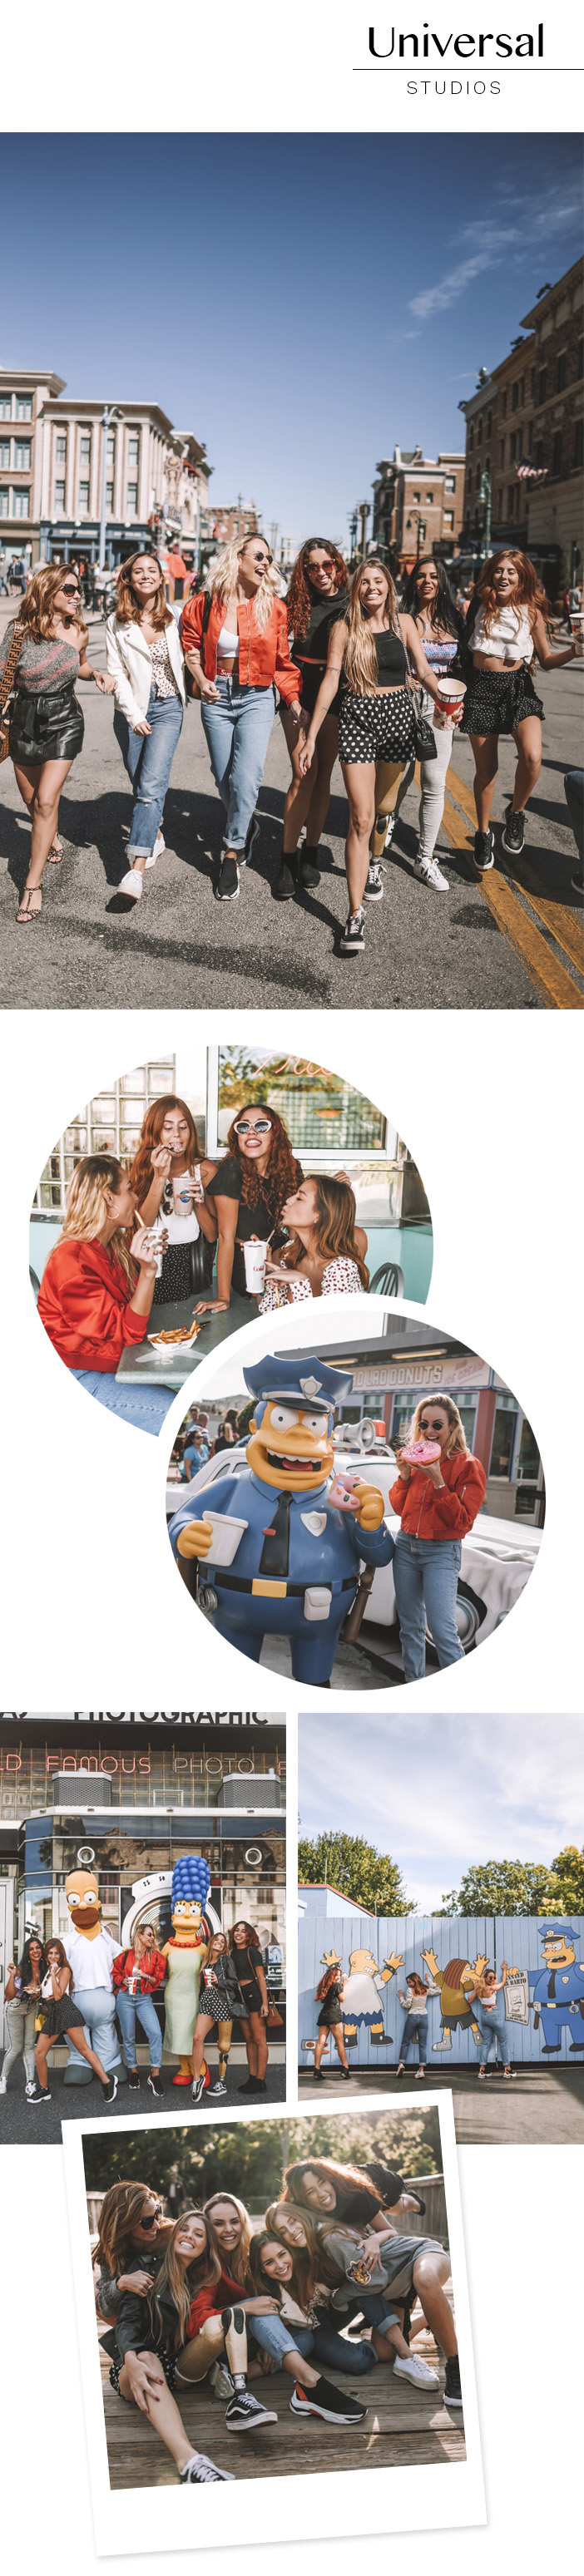 Diário de Bordo: Layla em Kissimmee - Universal Studios